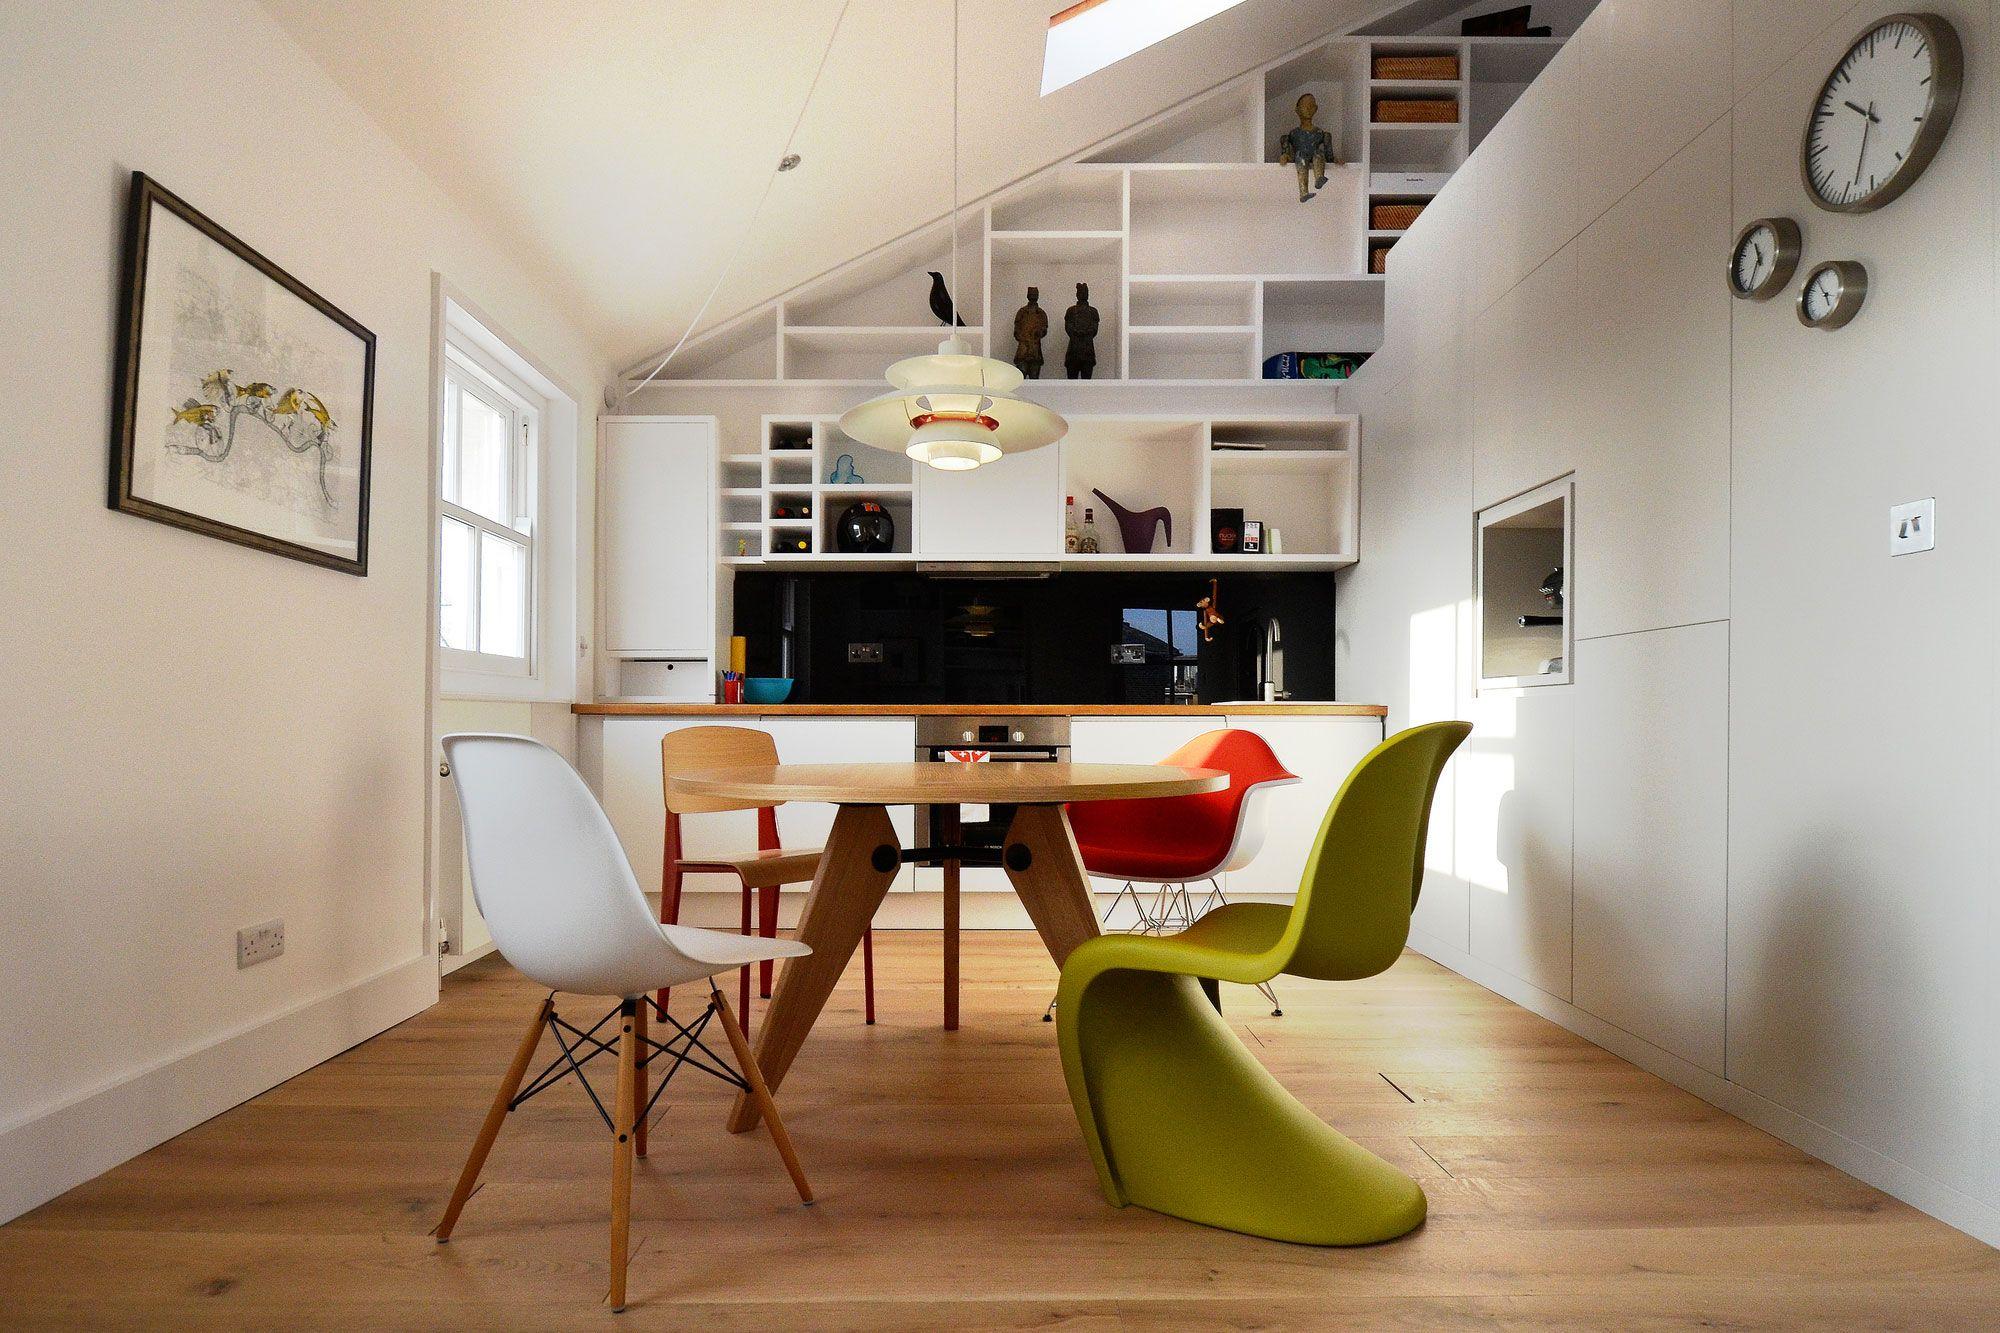 Loft bedroom regulations  Loft Space in Camden by Craft Design  Copa  Cozinha  Lunch room